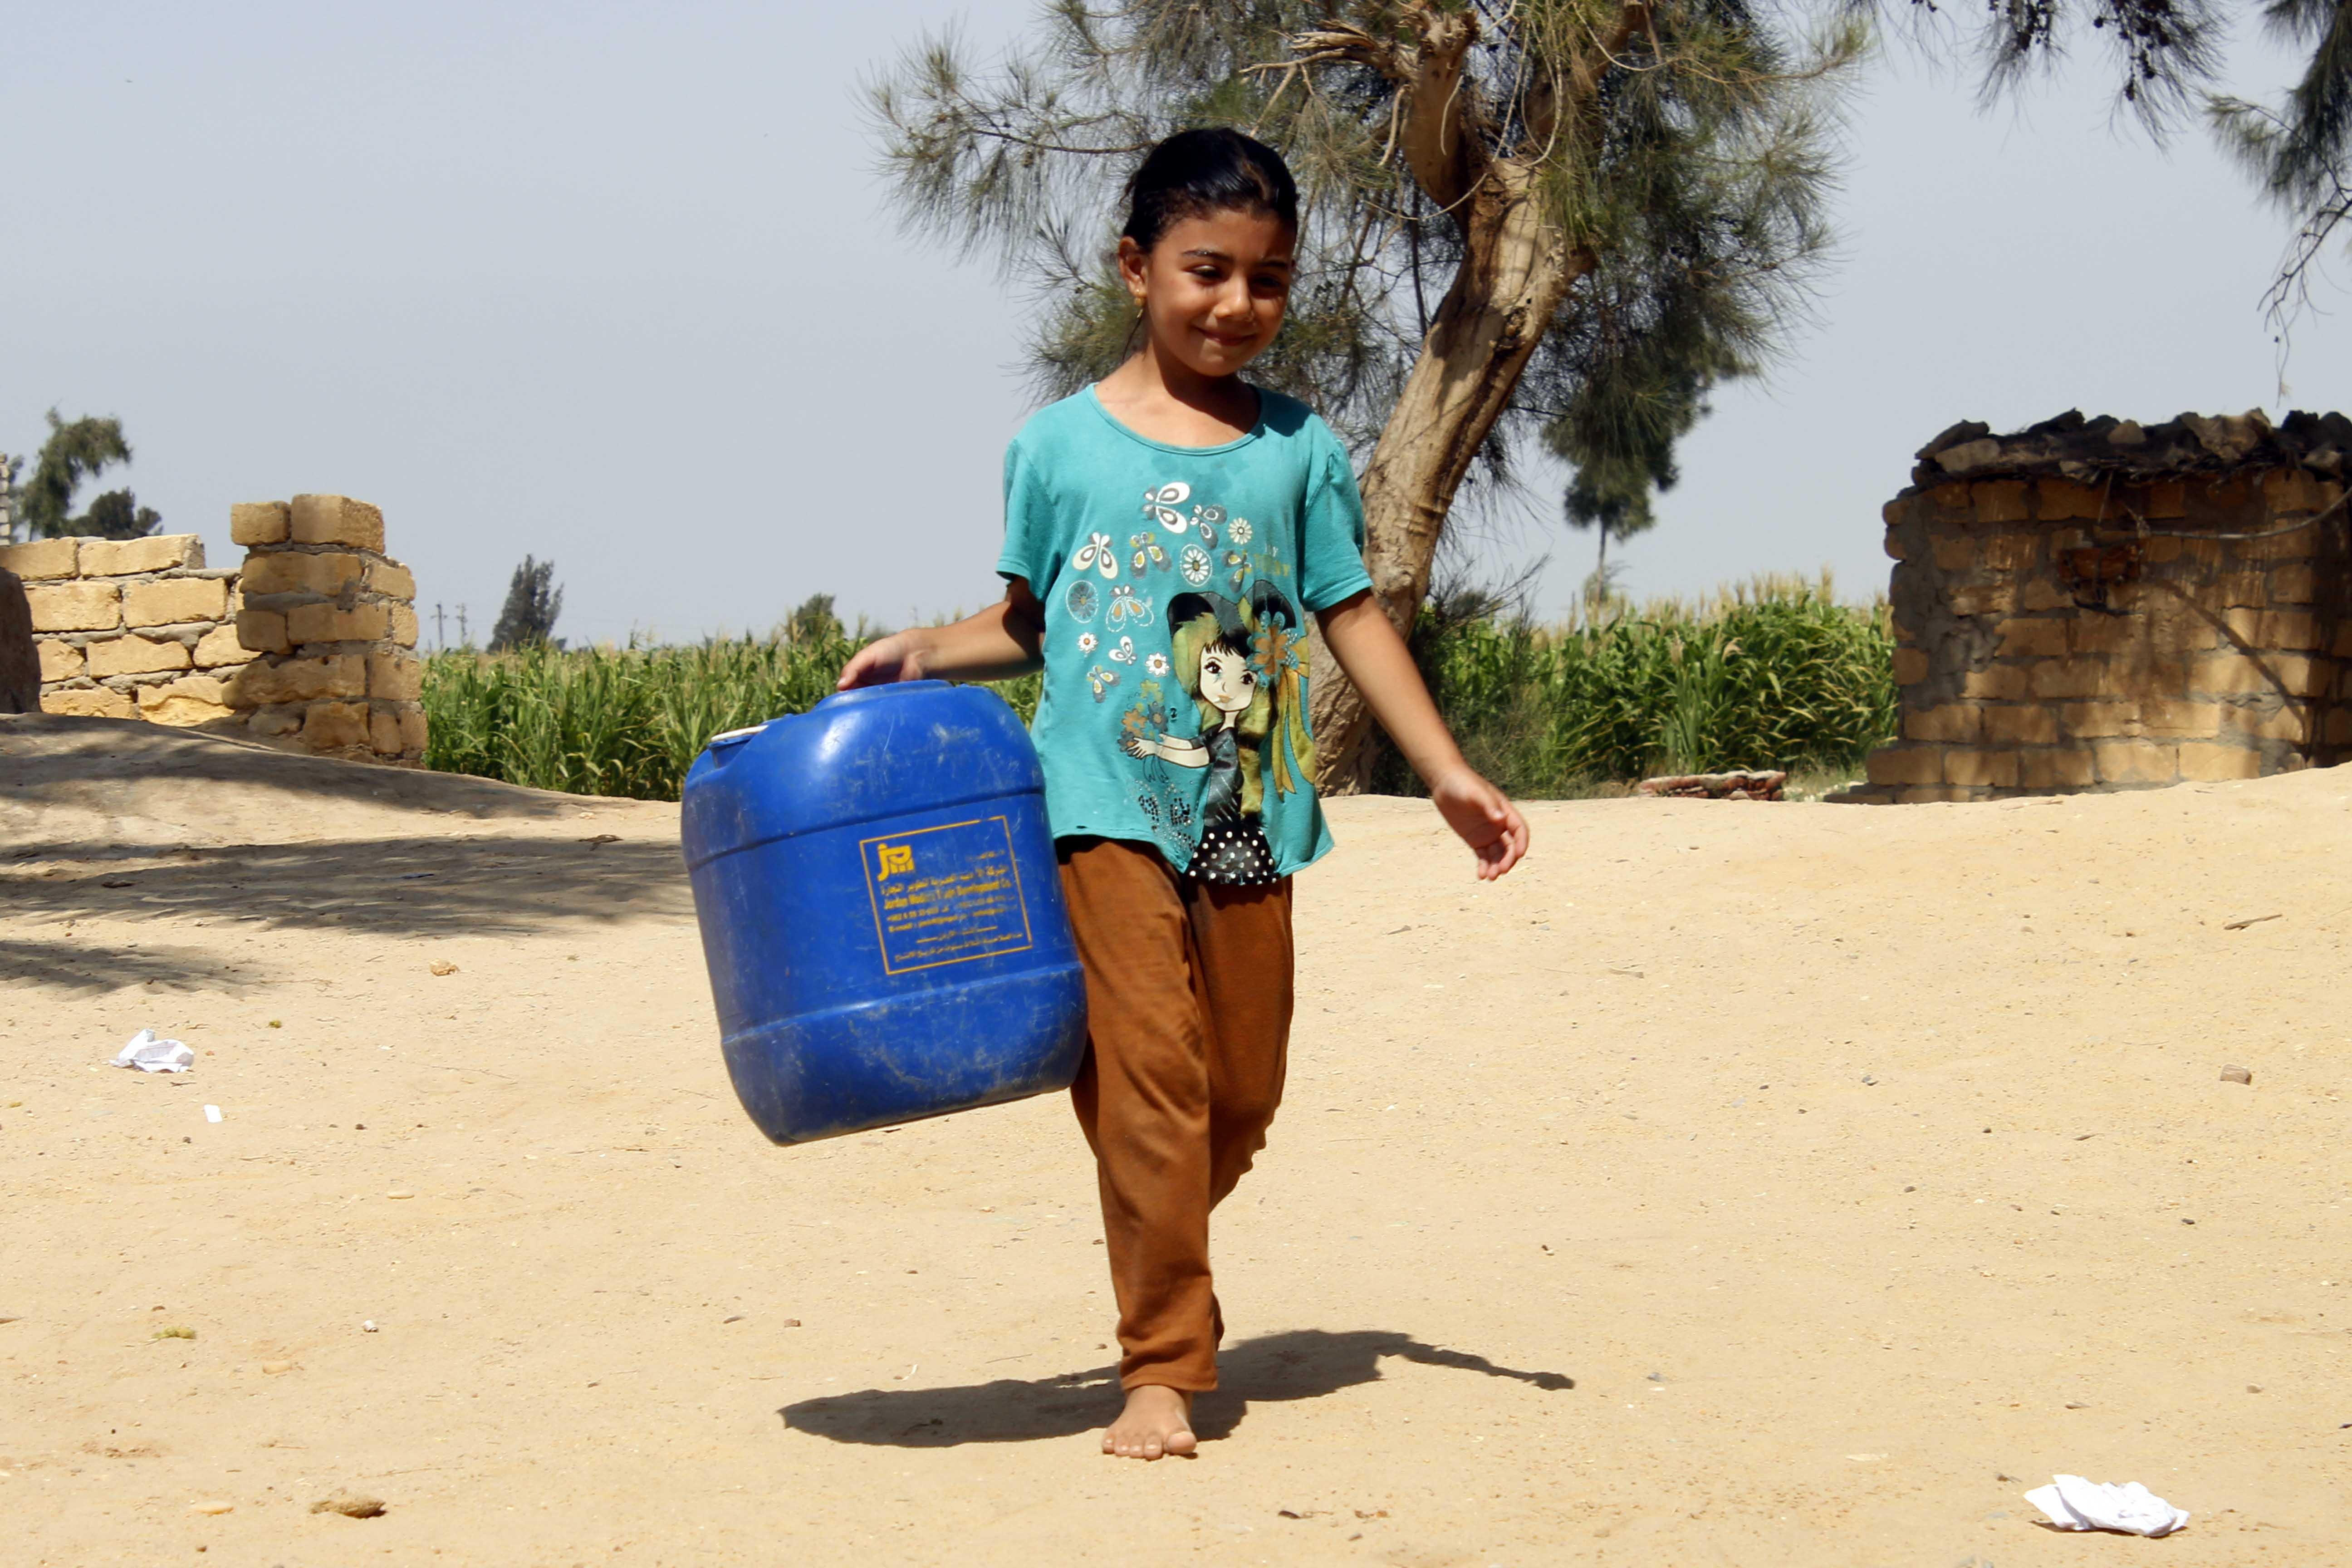 قري  تعيش بدون مياه  شرب  لأربعة أشهر  - تصوير  محمد عوض  (12)